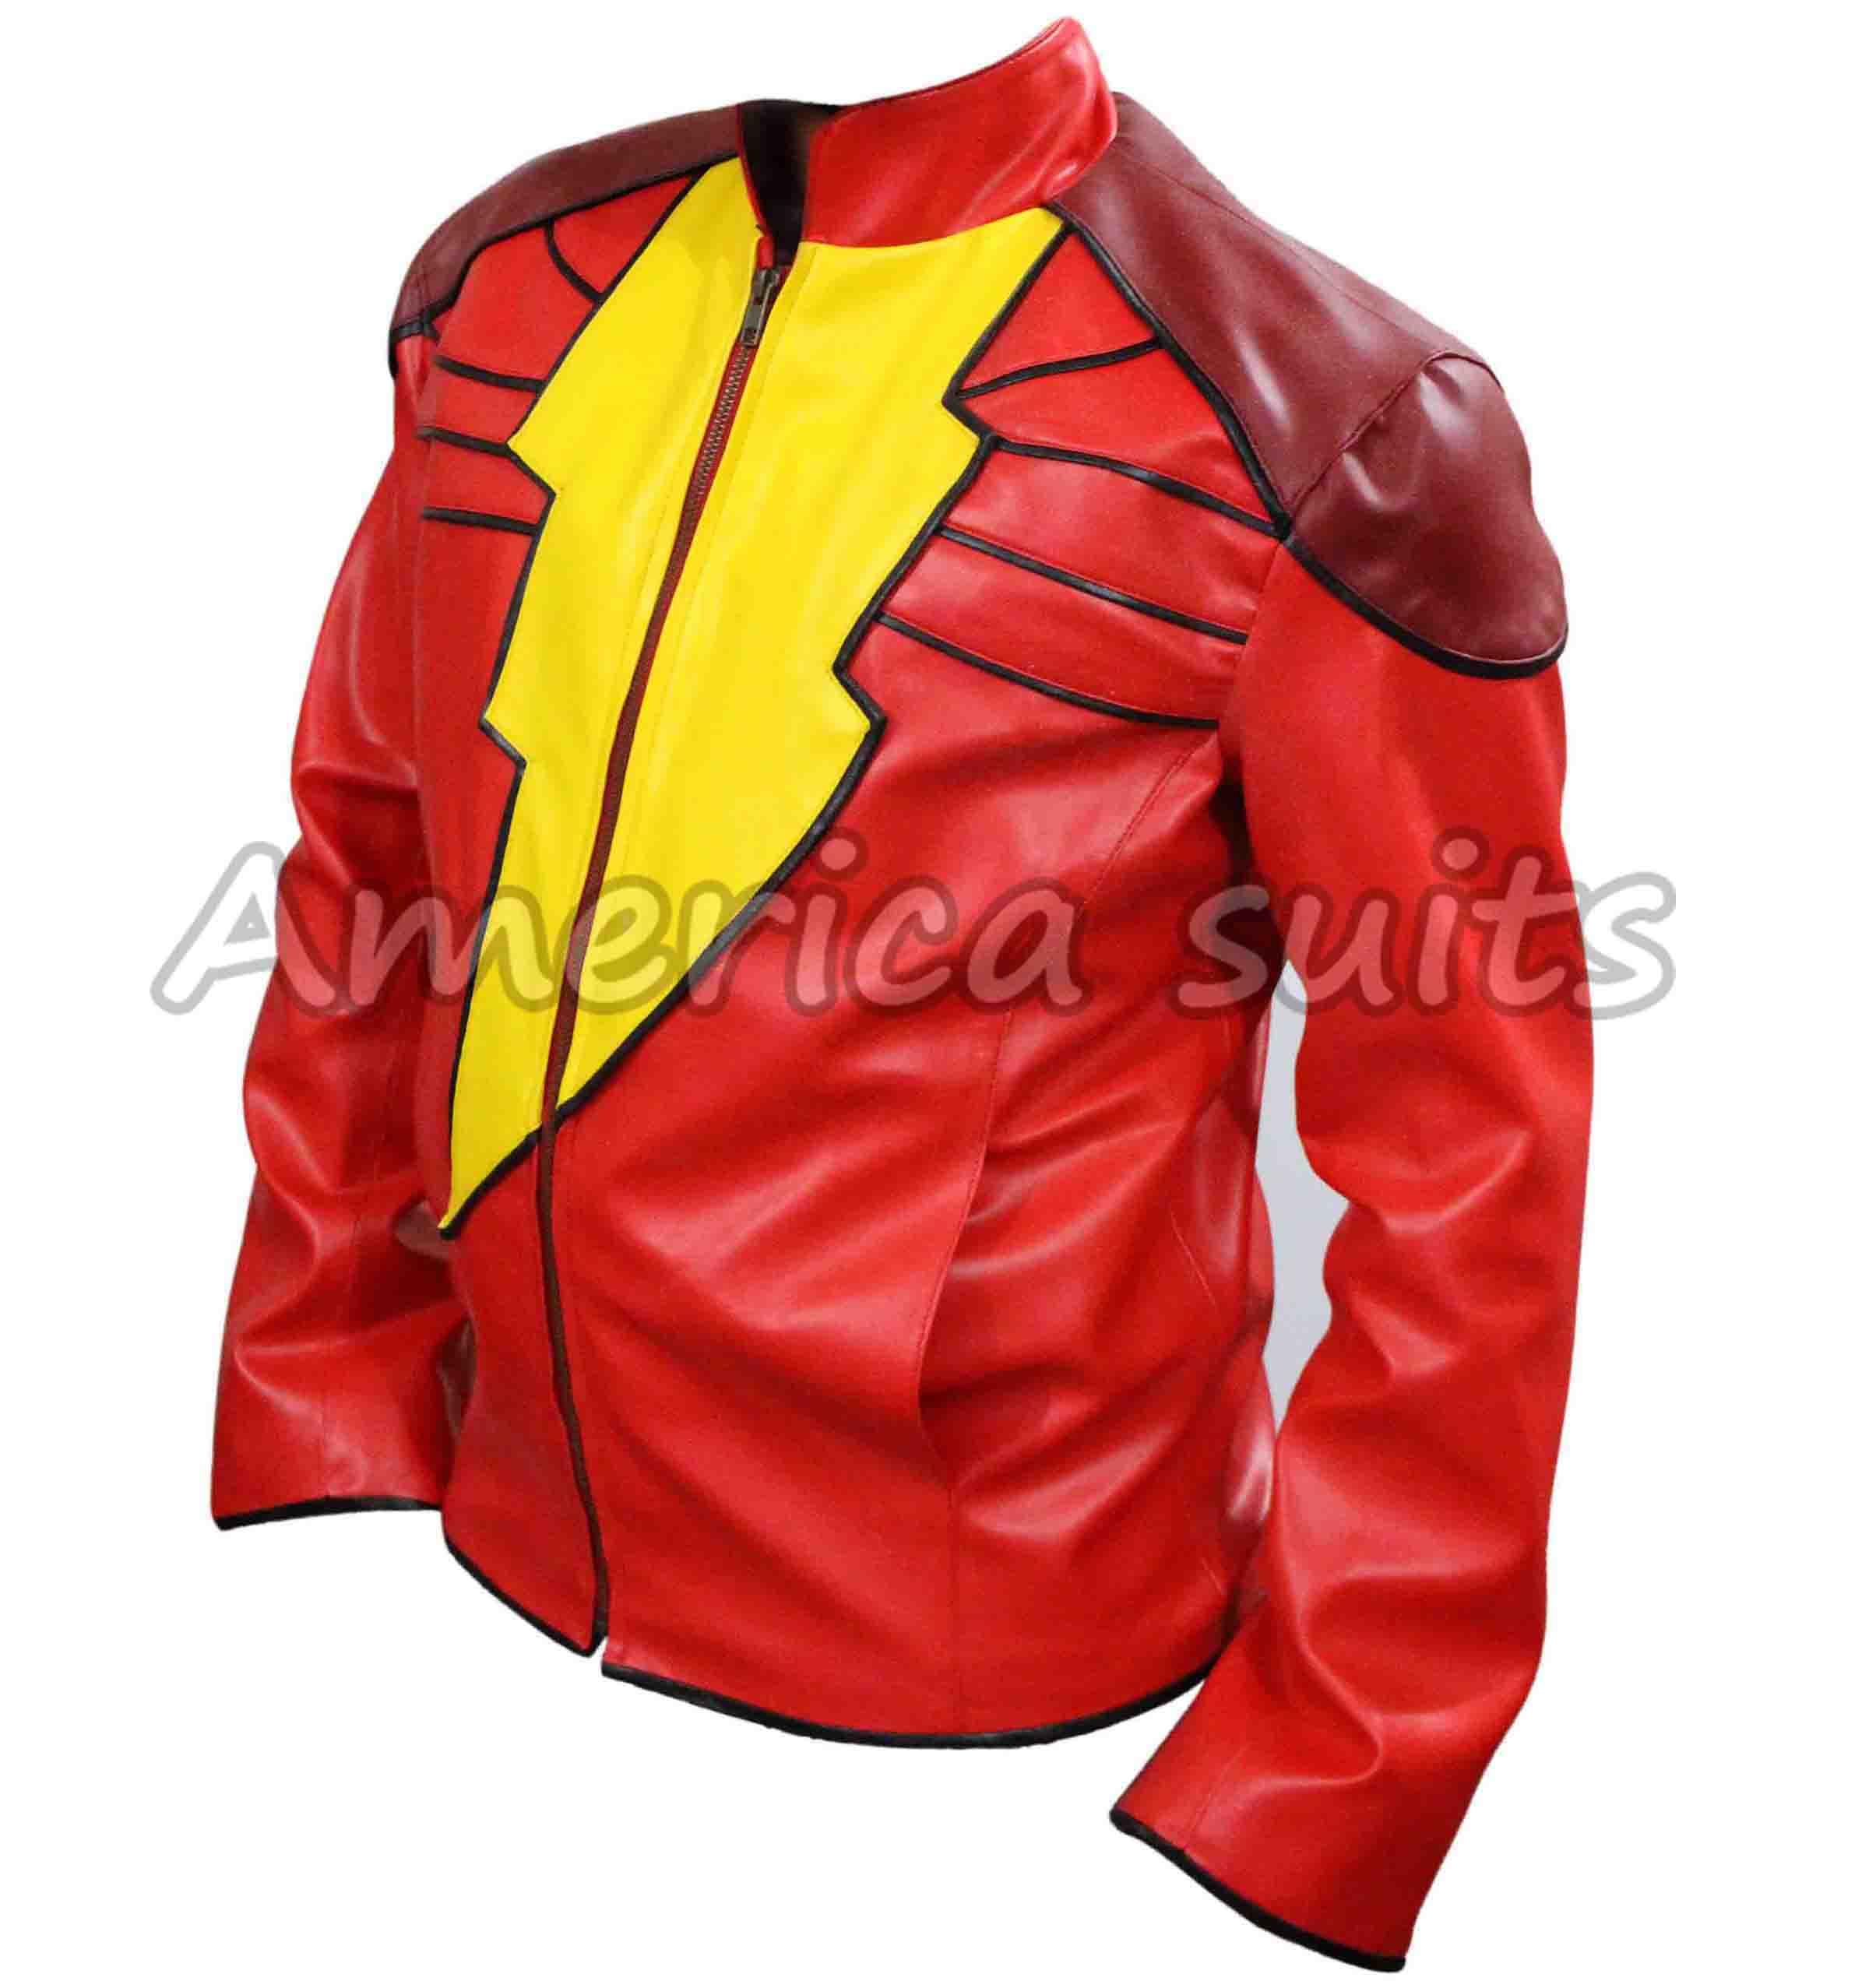 shazam-red-leather-jacket-1000x1000